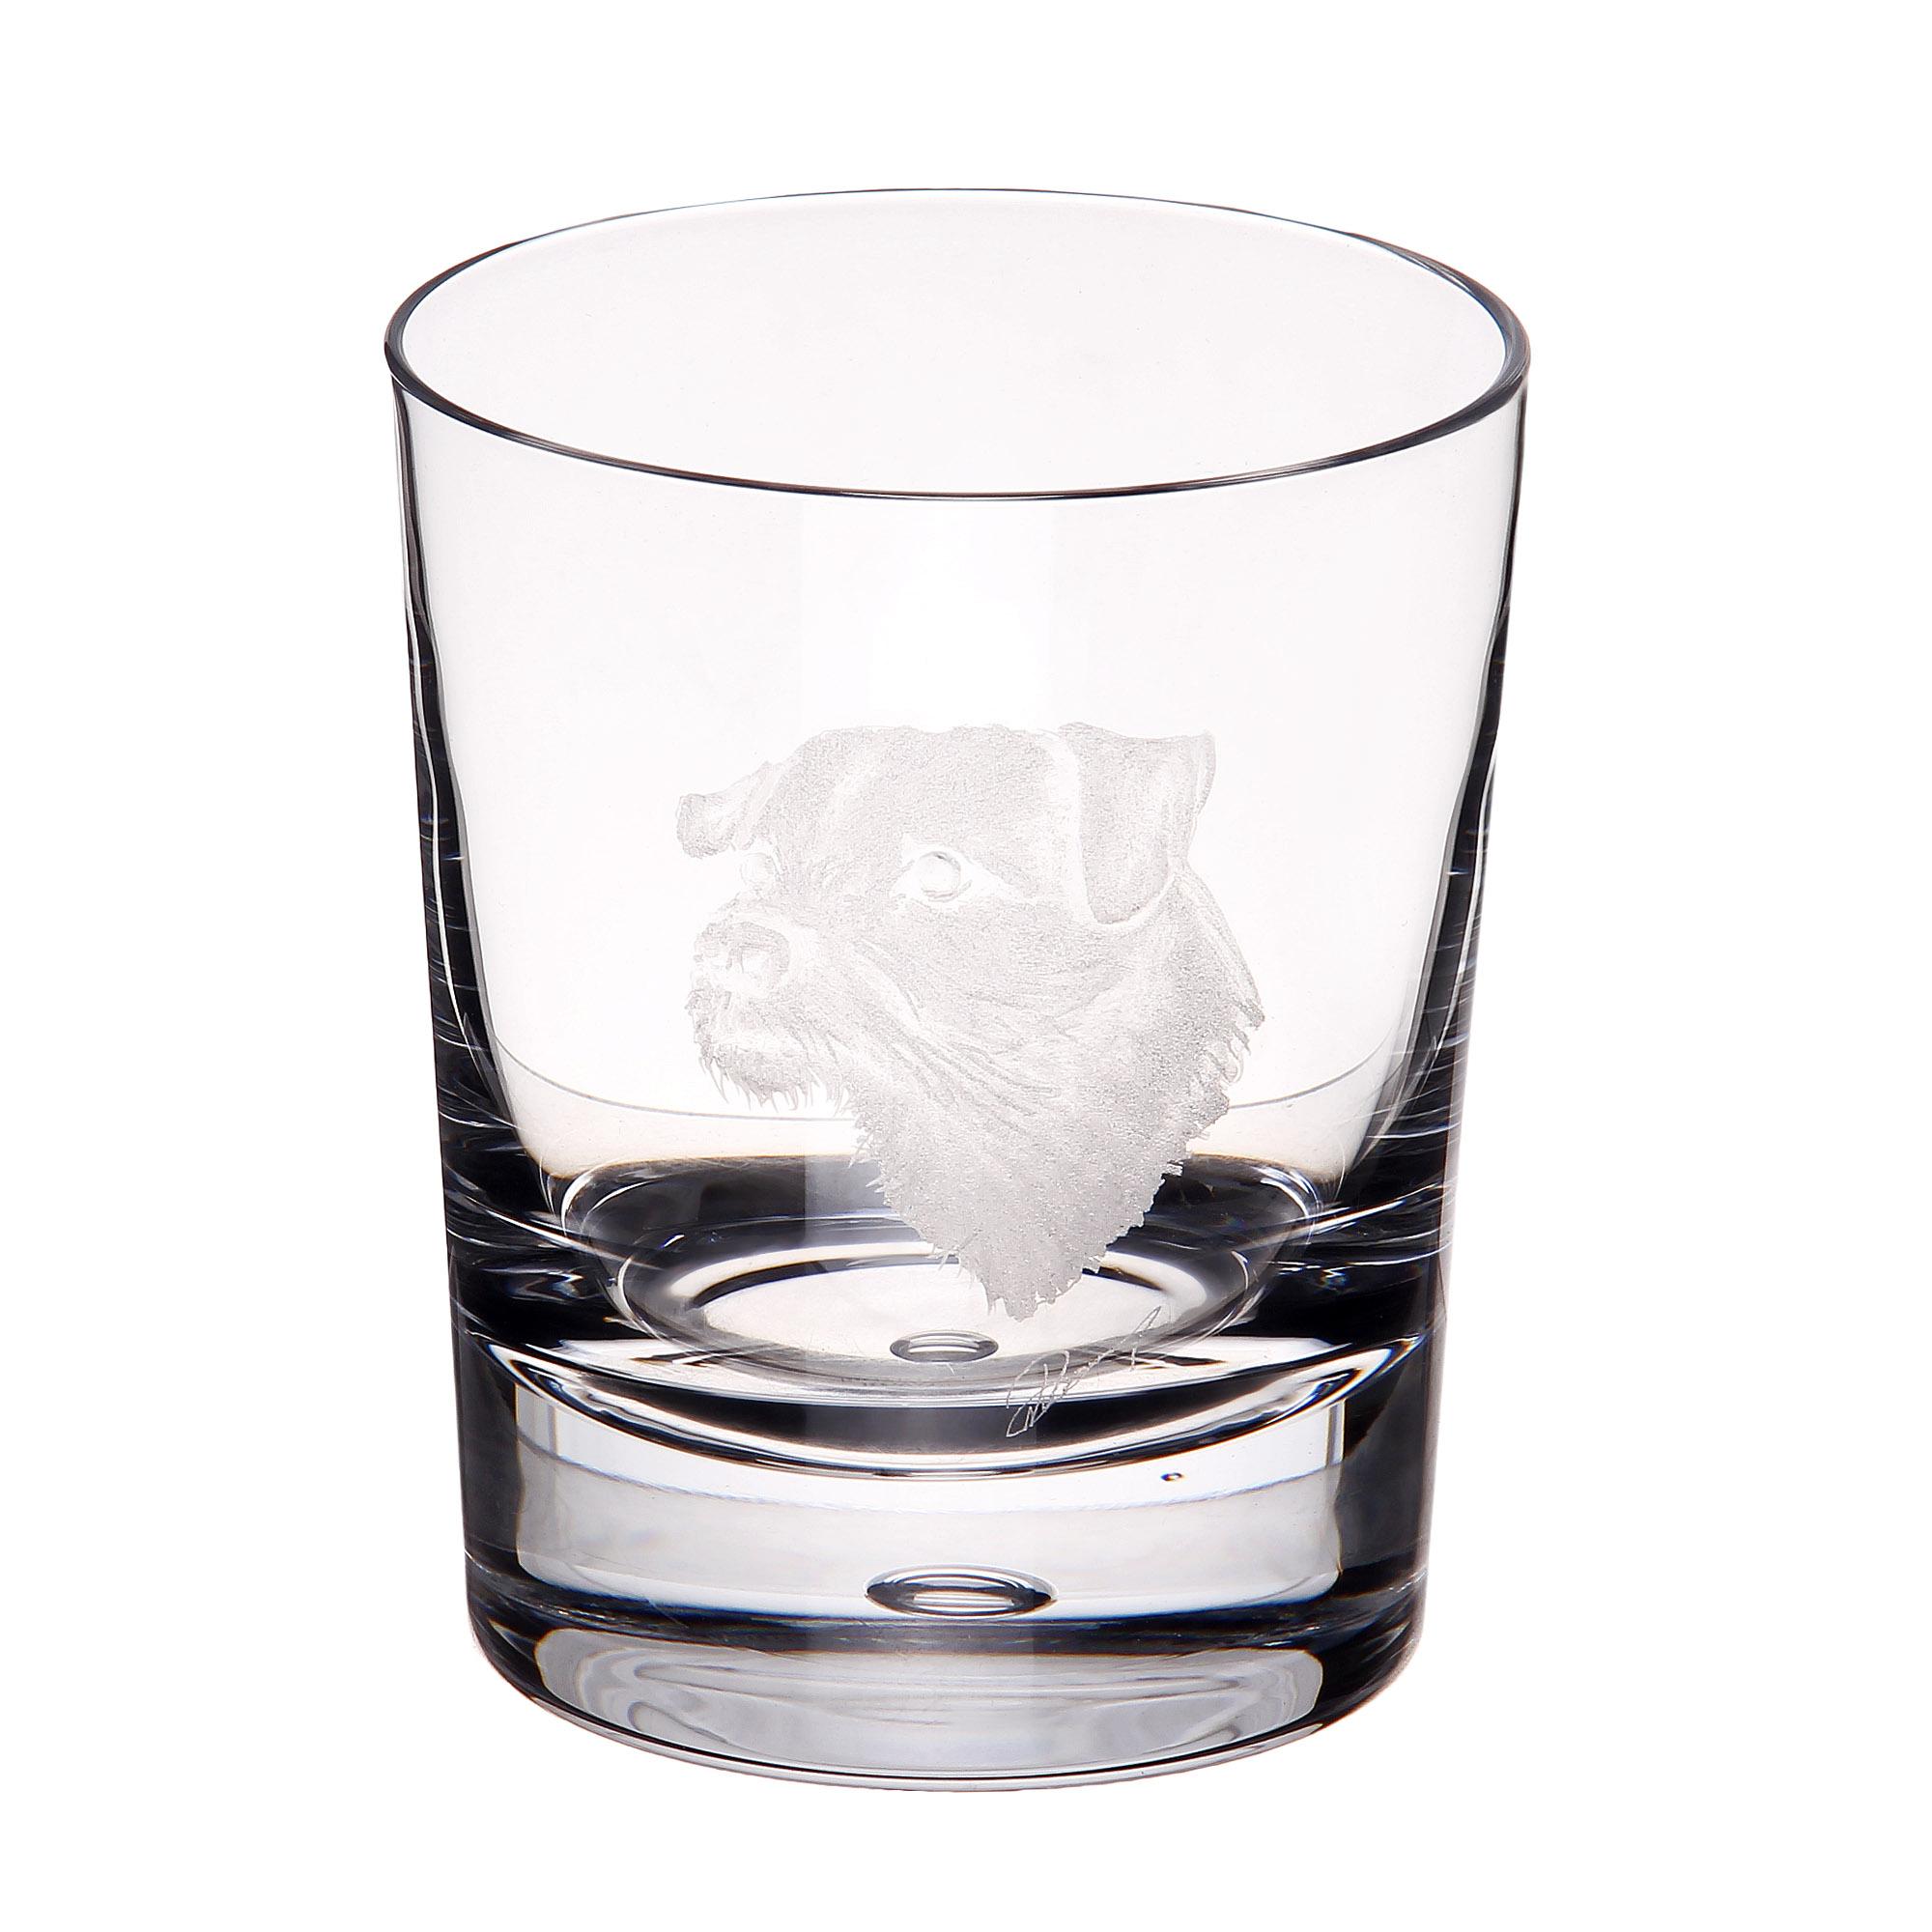 Купить Стакан для виски Dartington crystal engraved терьер 300мл, Великобритания, хрусталь ручной работы (24% свинца)